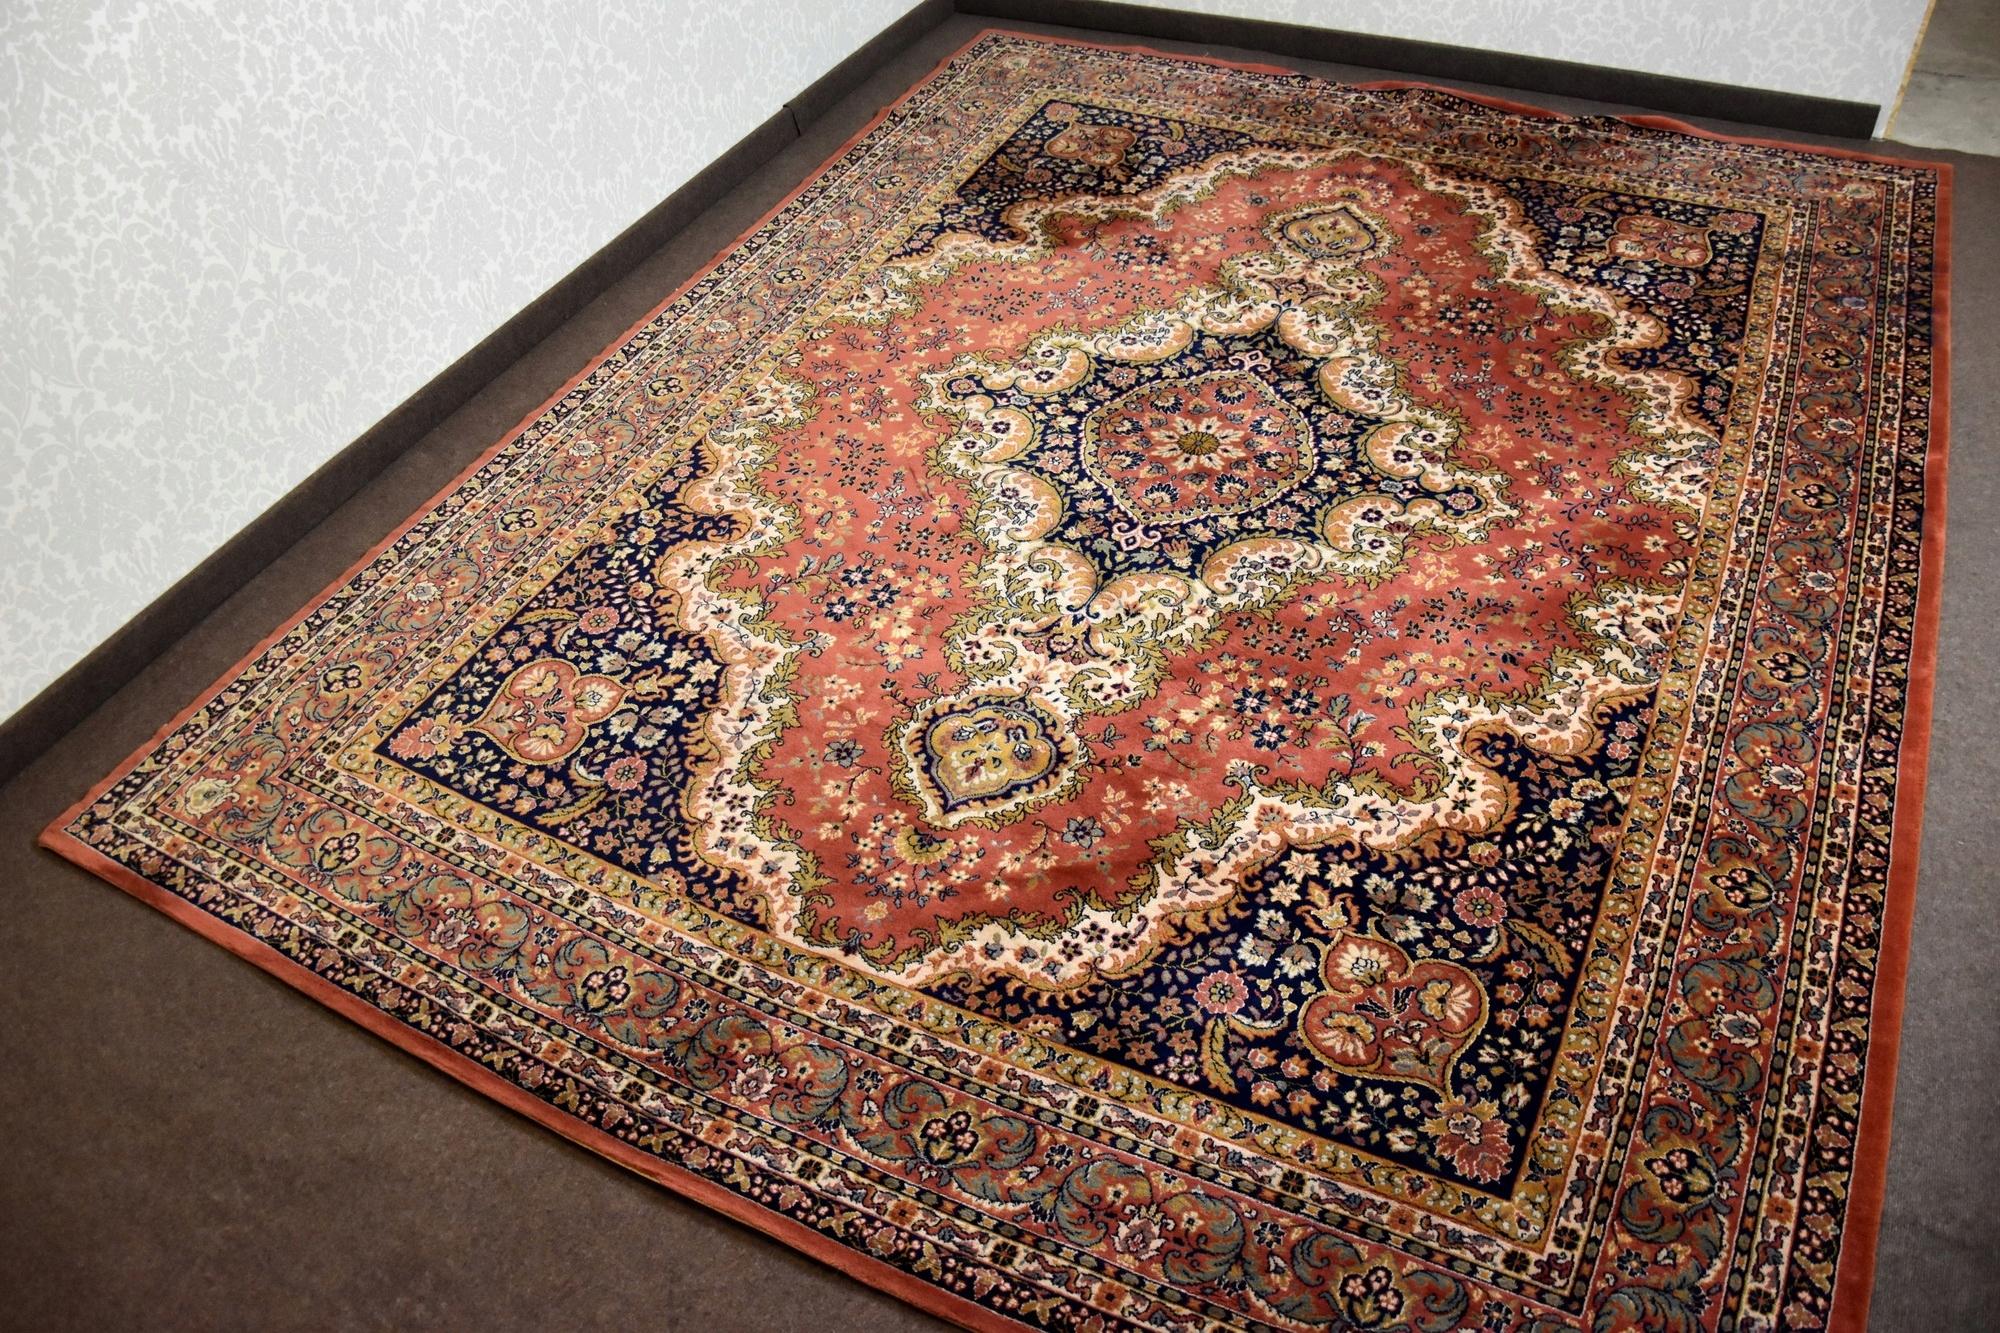 Orientalny Dywan 390x300 Wełna Czesankowa Wełniany